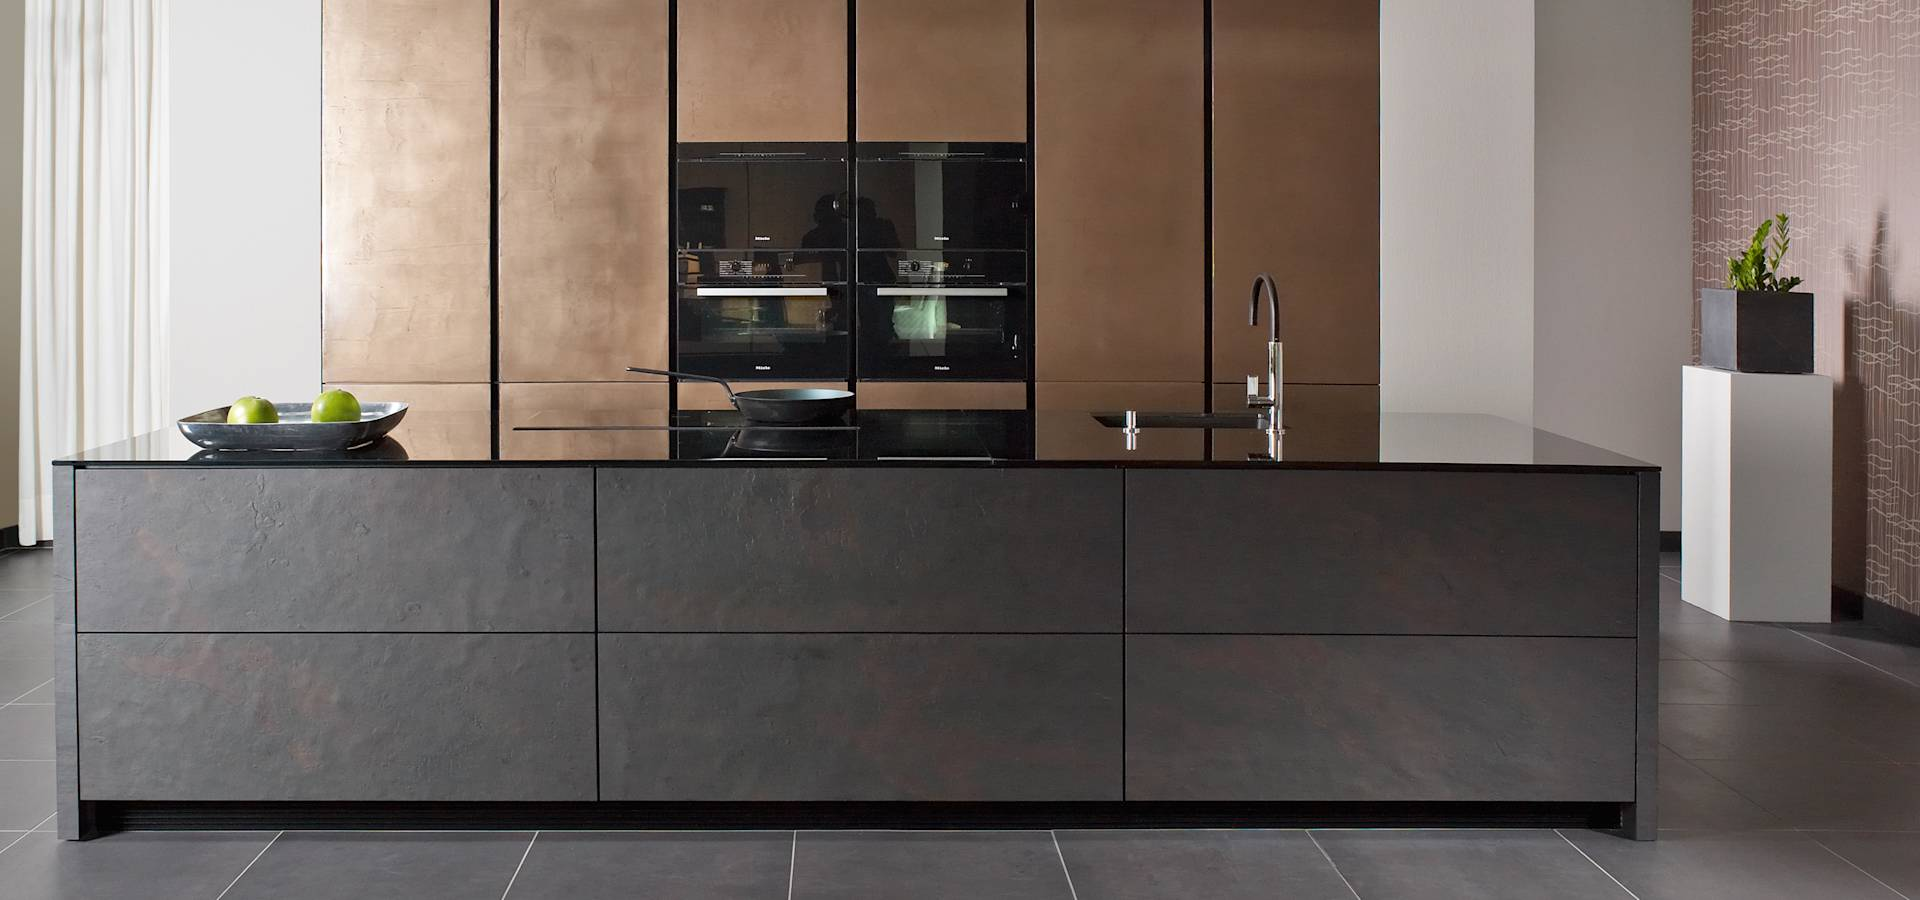 darivas k chen und raumdesign k chenplaner in hamburg. Black Bedroom Furniture Sets. Home Design Ideas